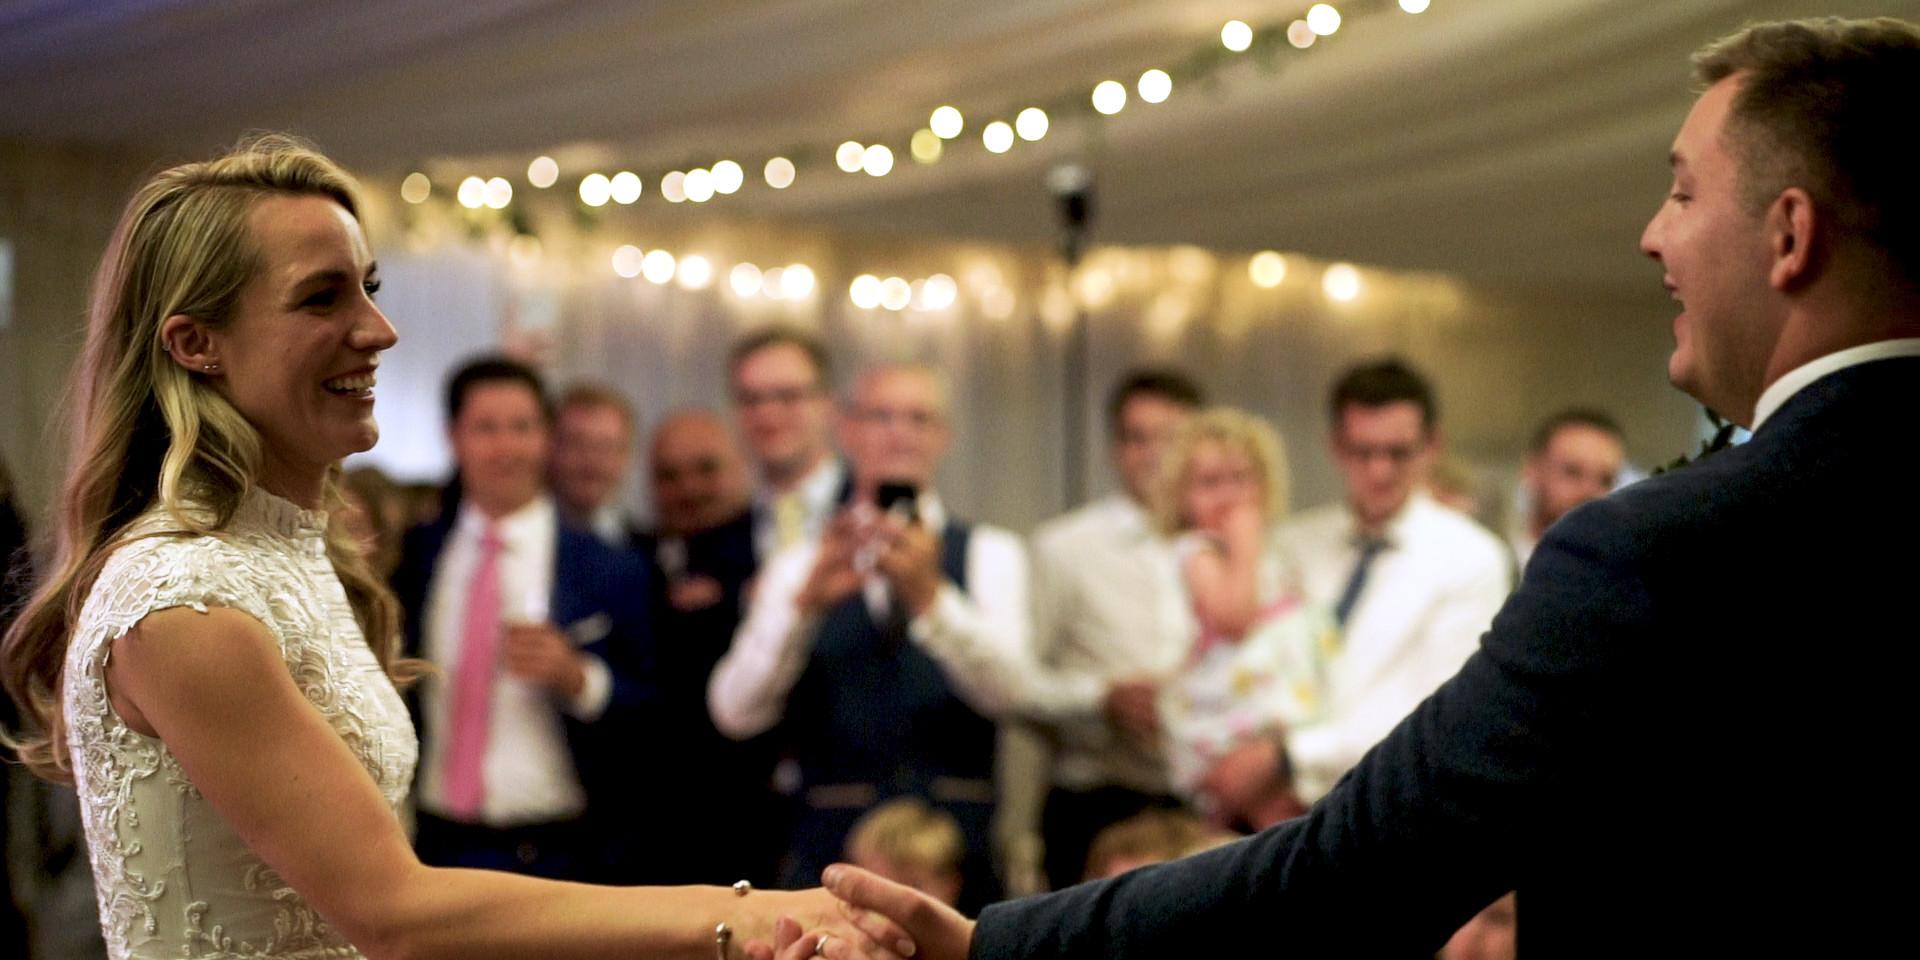 Wedding-ShortFilm.00_09_55_04.Still009.j